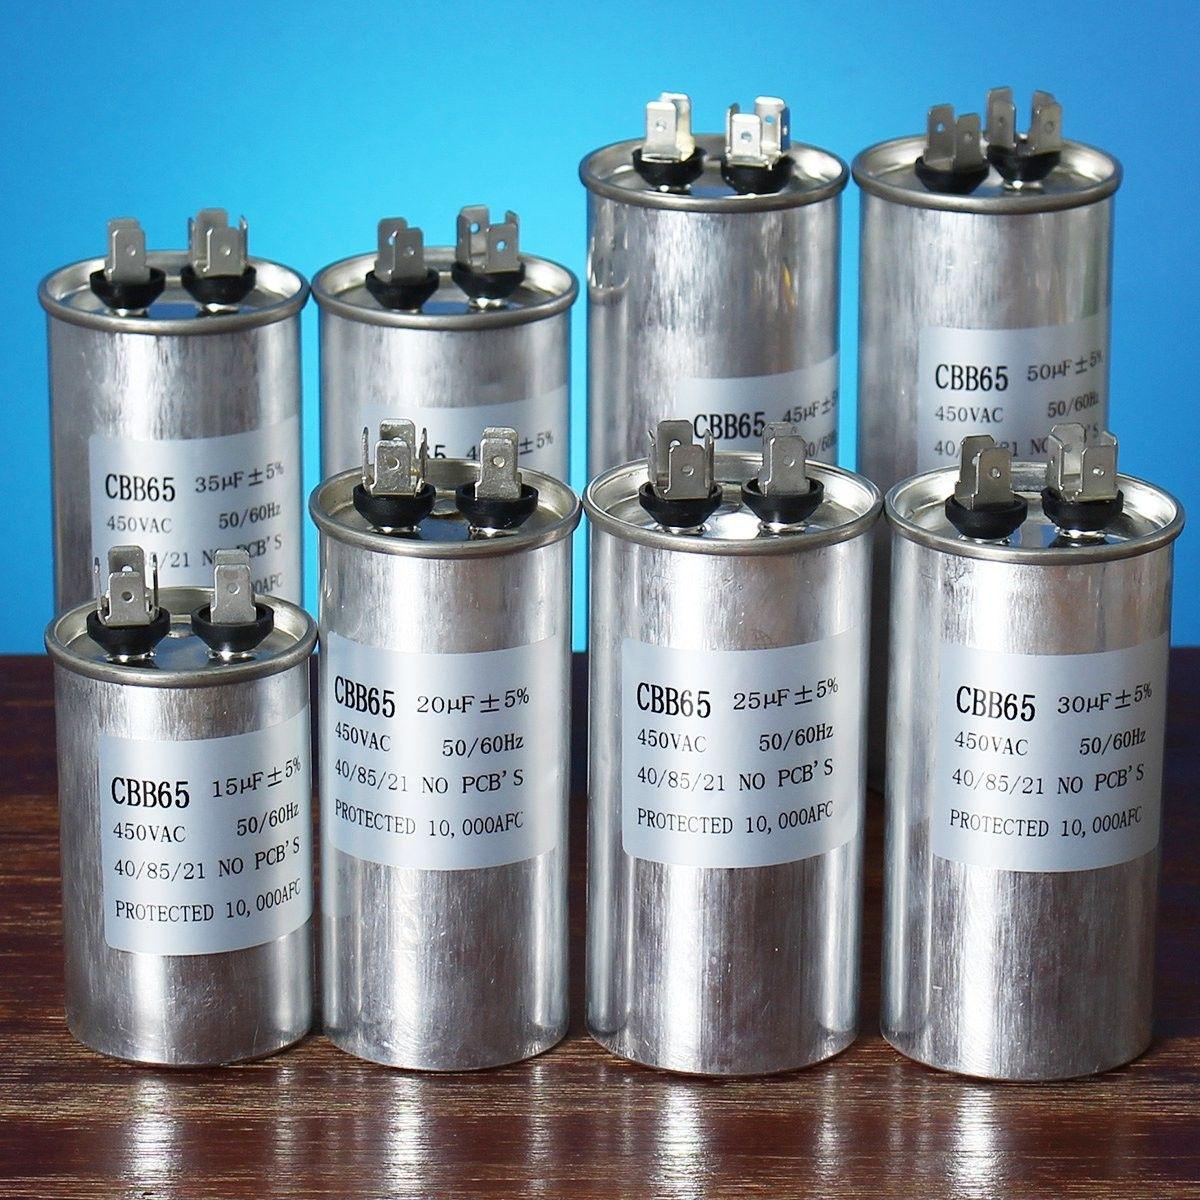 15-50uF Motor Capacitor CBB65 450VAC Air Conditioner Compressor ...